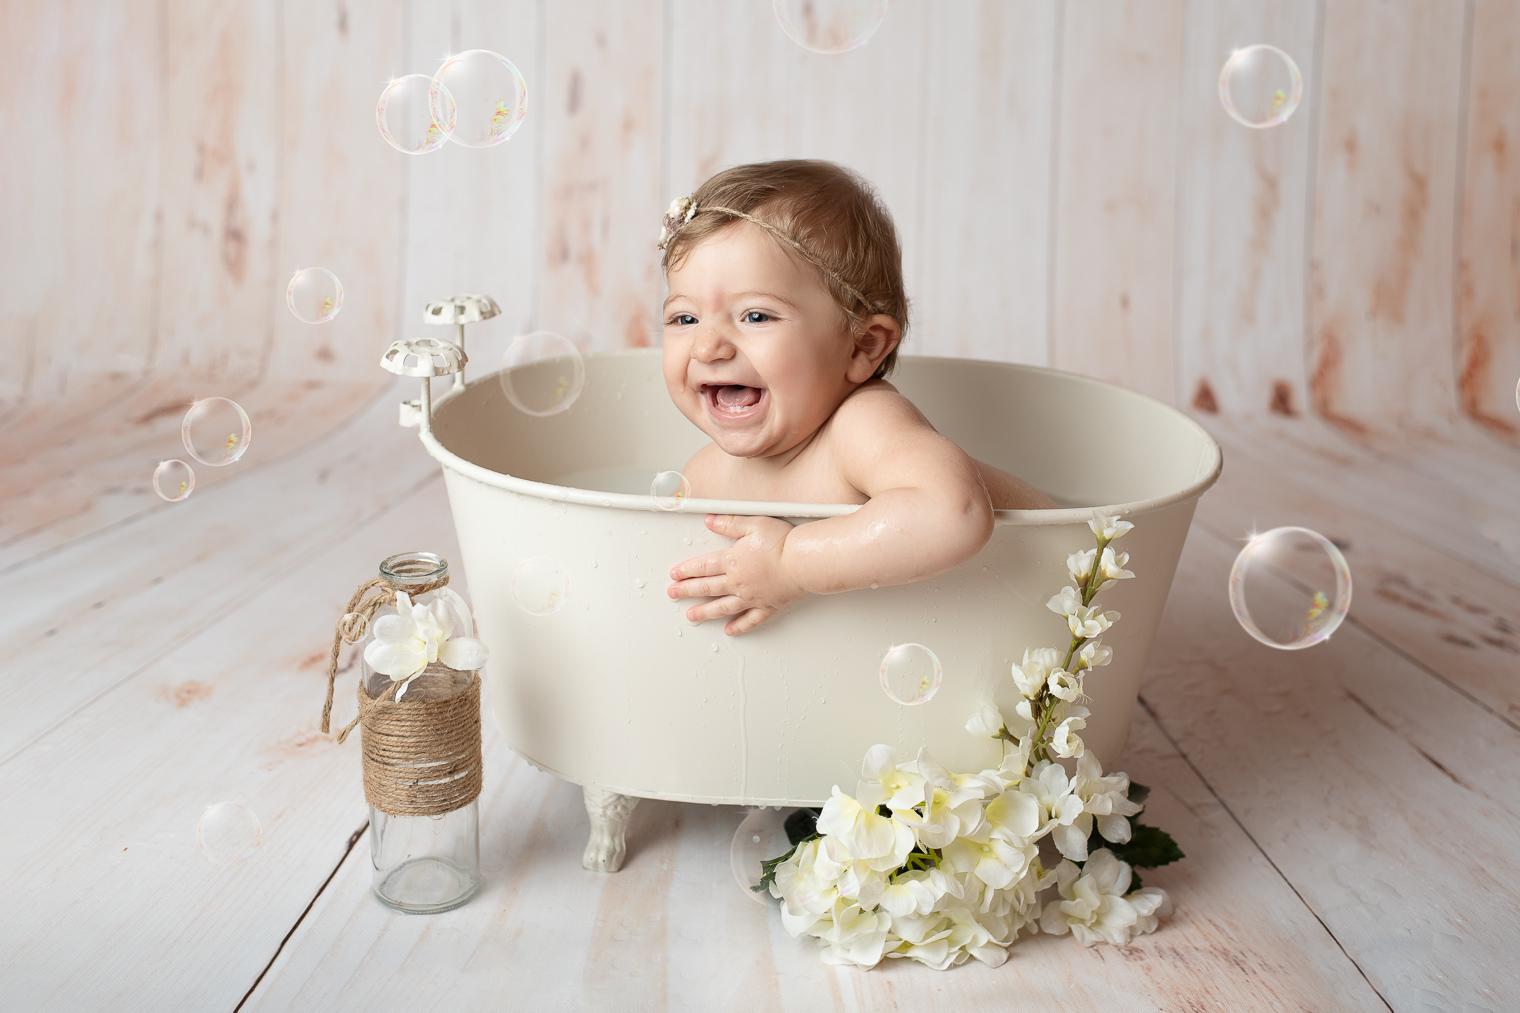 belinda lopez photo bebe enfant bain de lait photographie famille grossesse nouveau-ne maternite photographe bourg-saint-maurice savoie belindalopez.fr-9